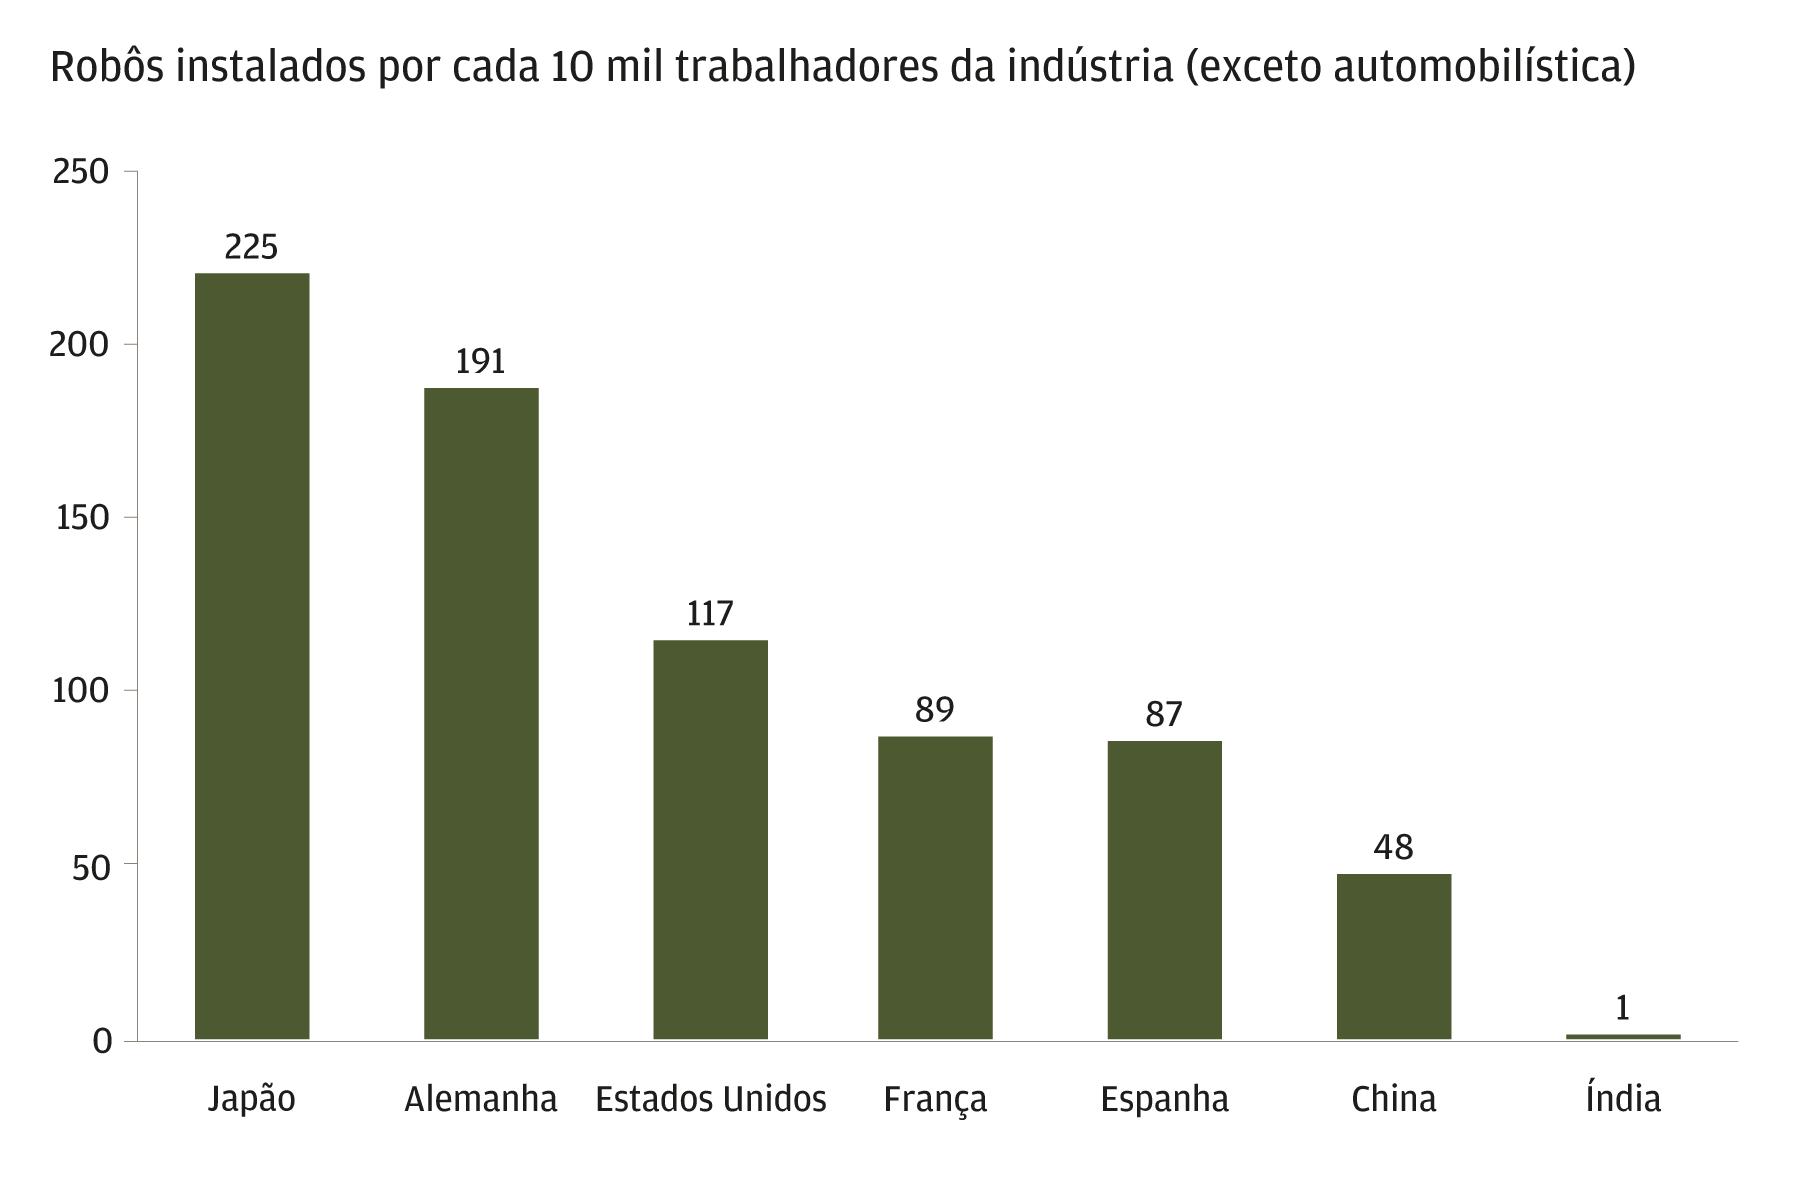 O mercado de robôs industriais na Índia deve alcançar as tendências mundiais